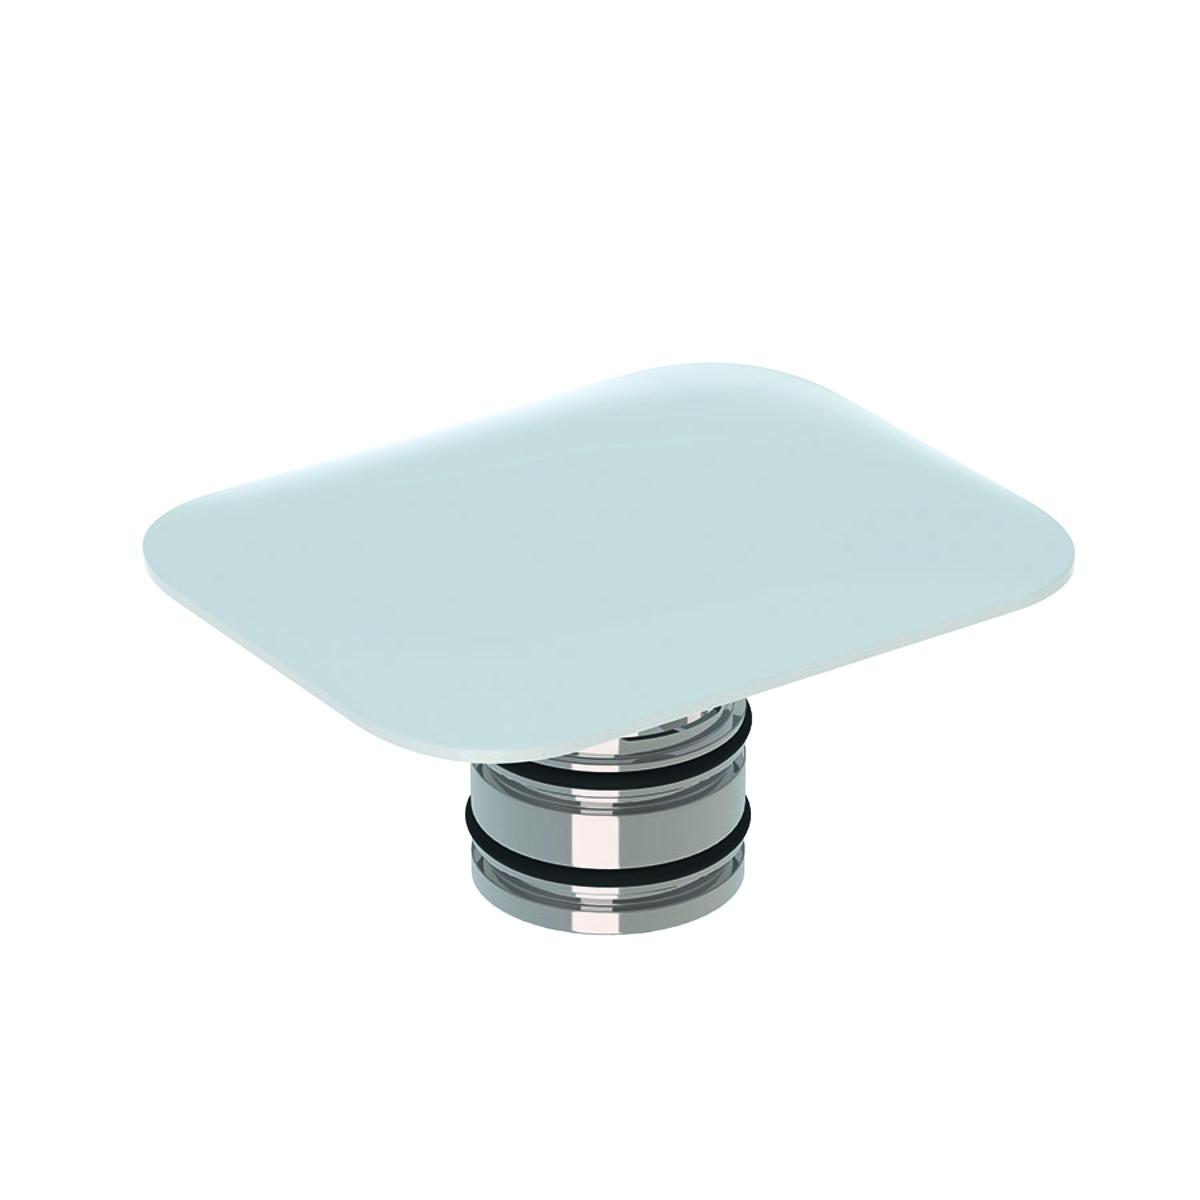 Capac ceramic cu ventil de scurgere Geberit myDay alb imagine